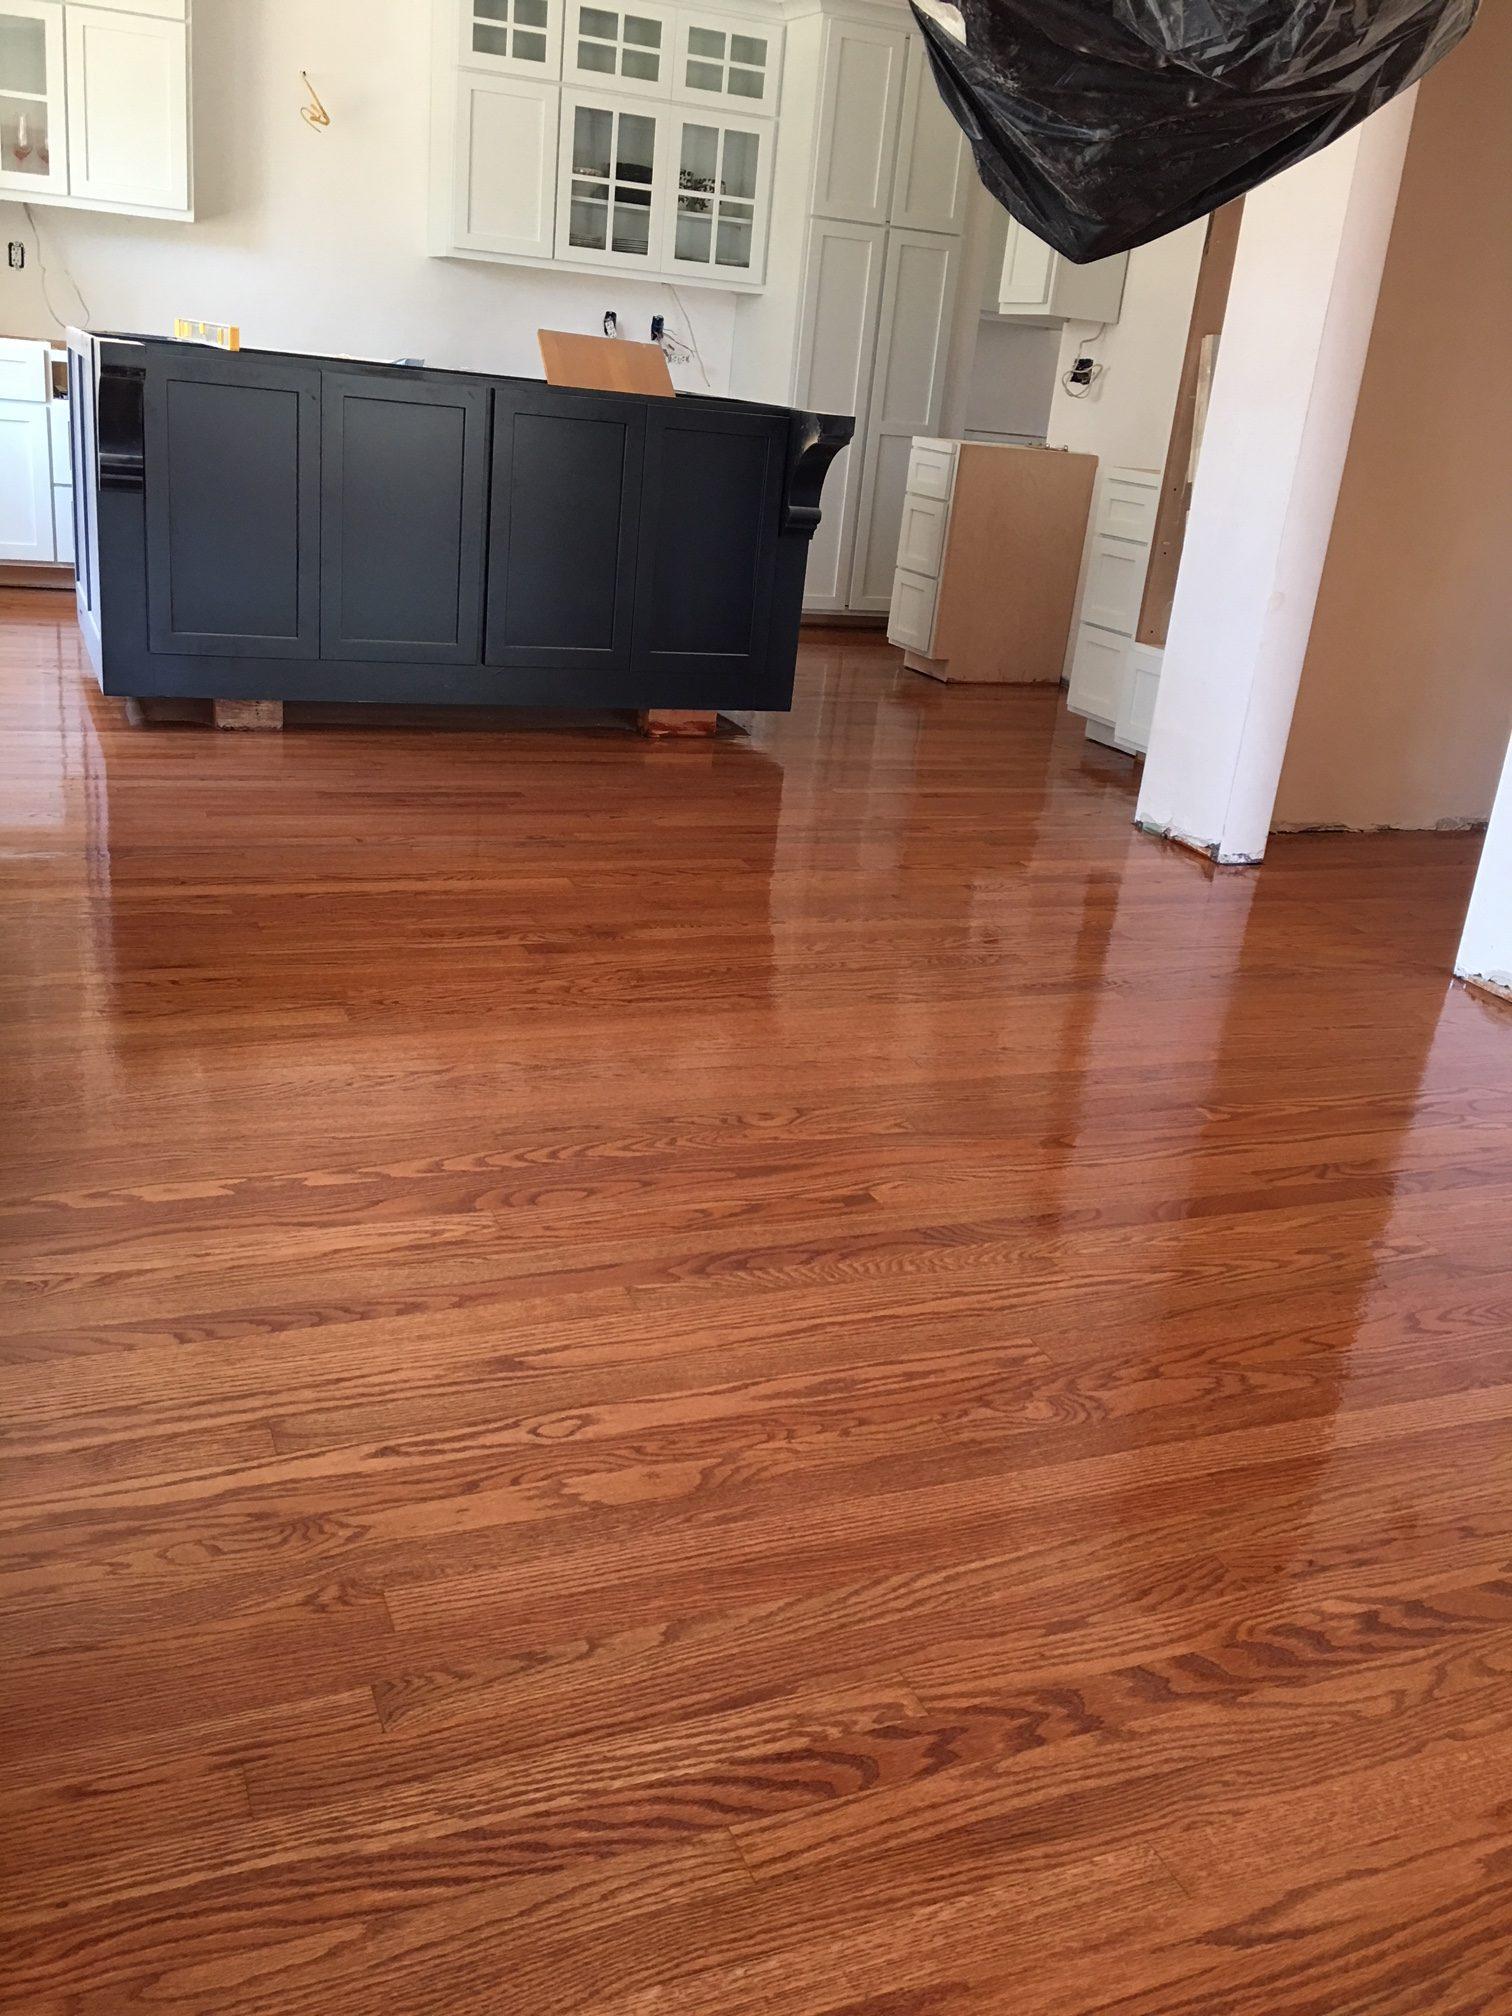 Little Yellow House Kitchen: Floor Progress – There